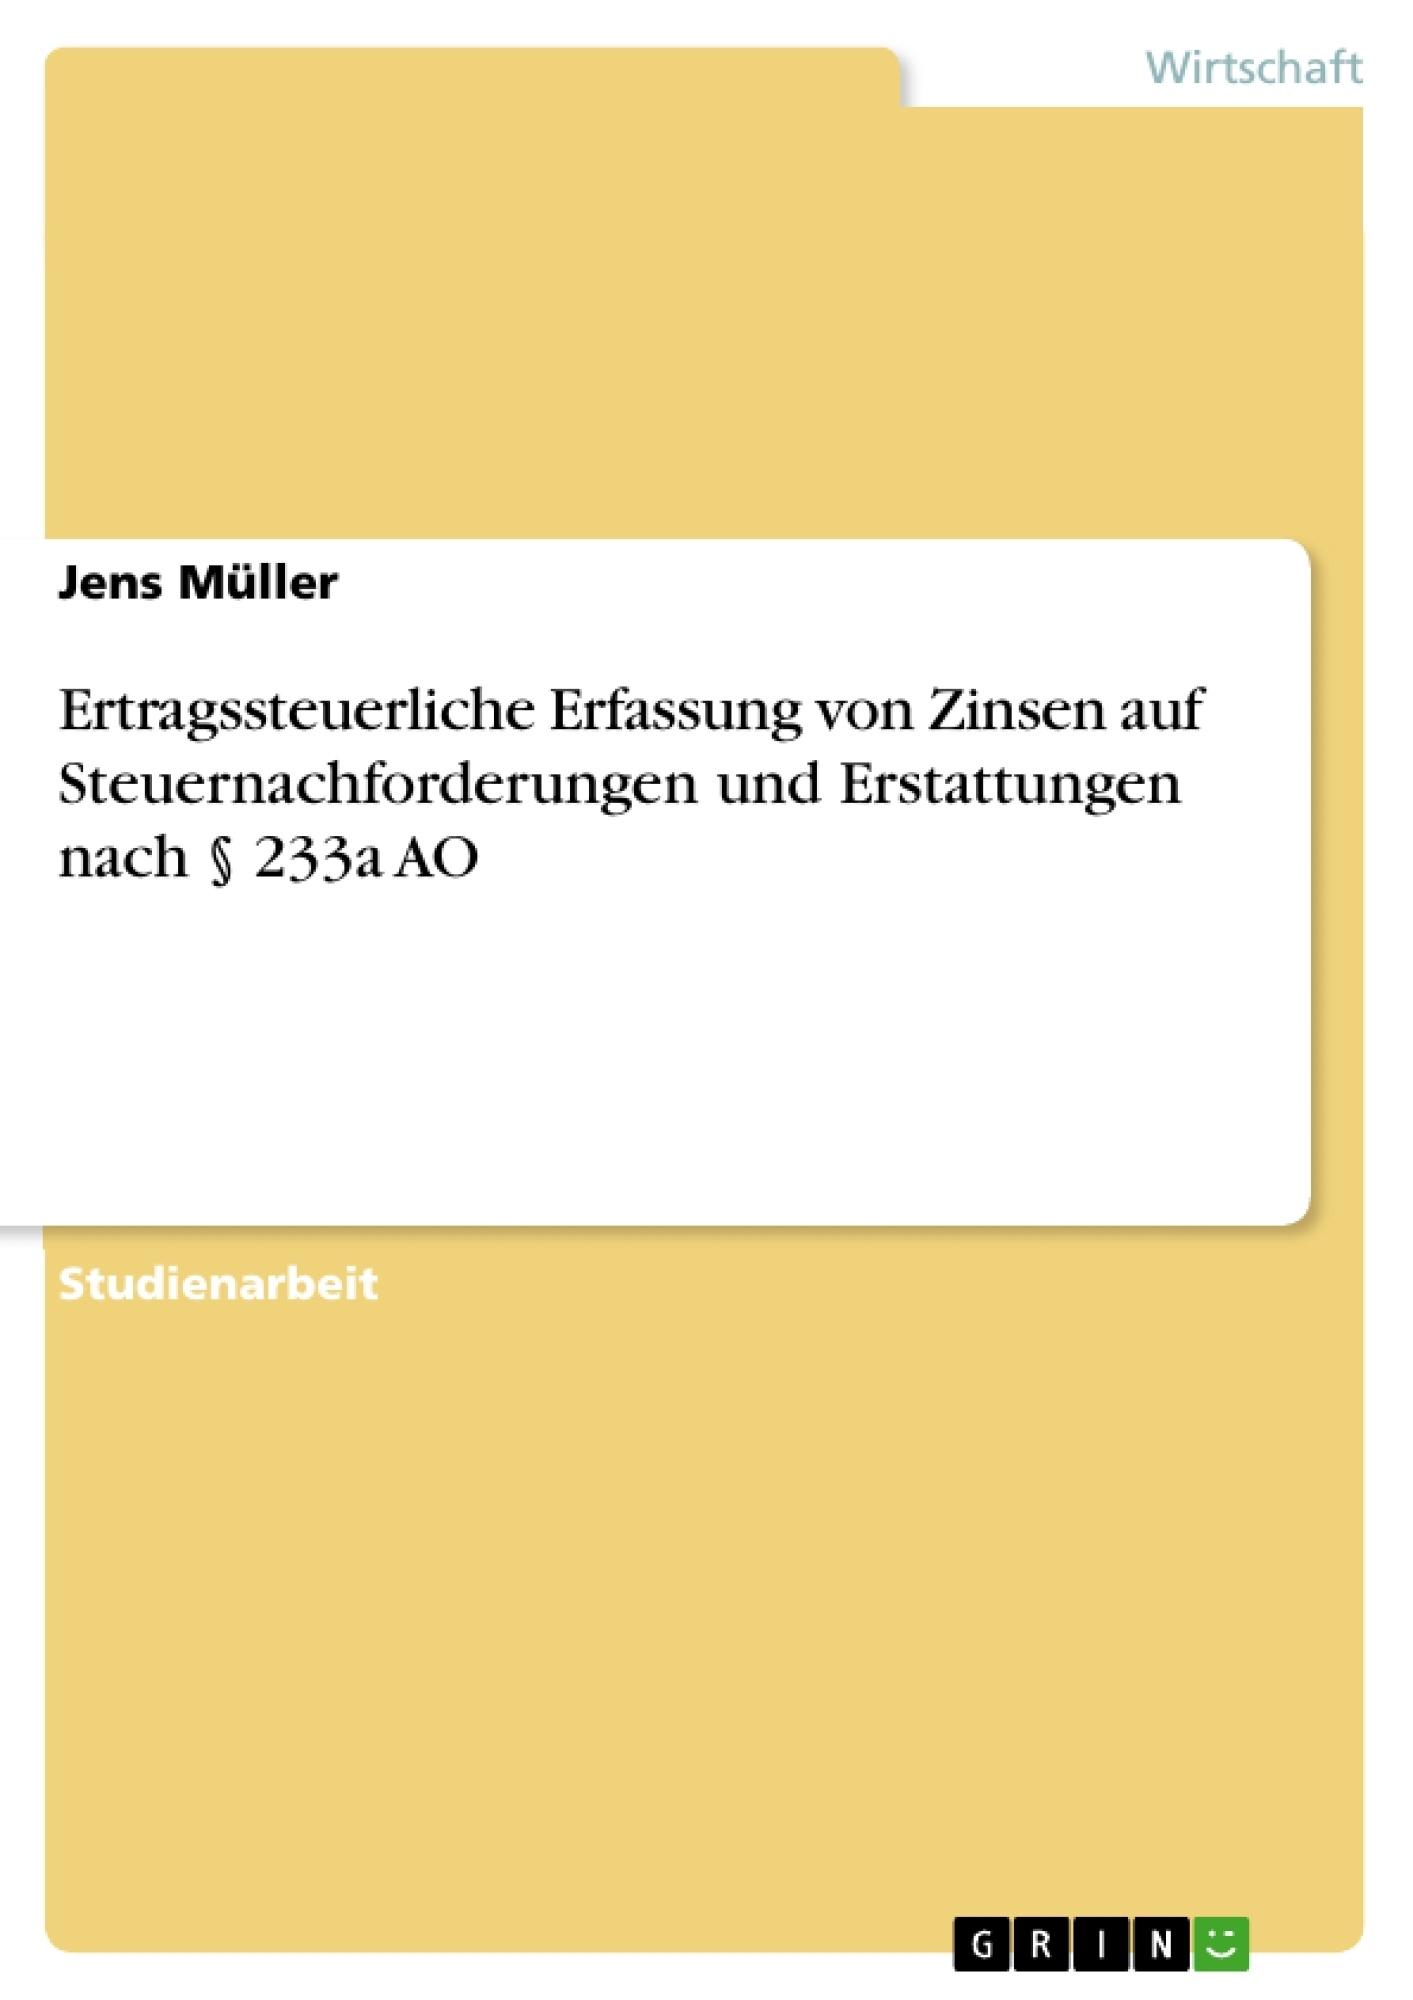 Titel: Ertragssteuerliche Erfassung von Zinsen auf Steuernachforderungen und Erstattungen nach § 233a AO